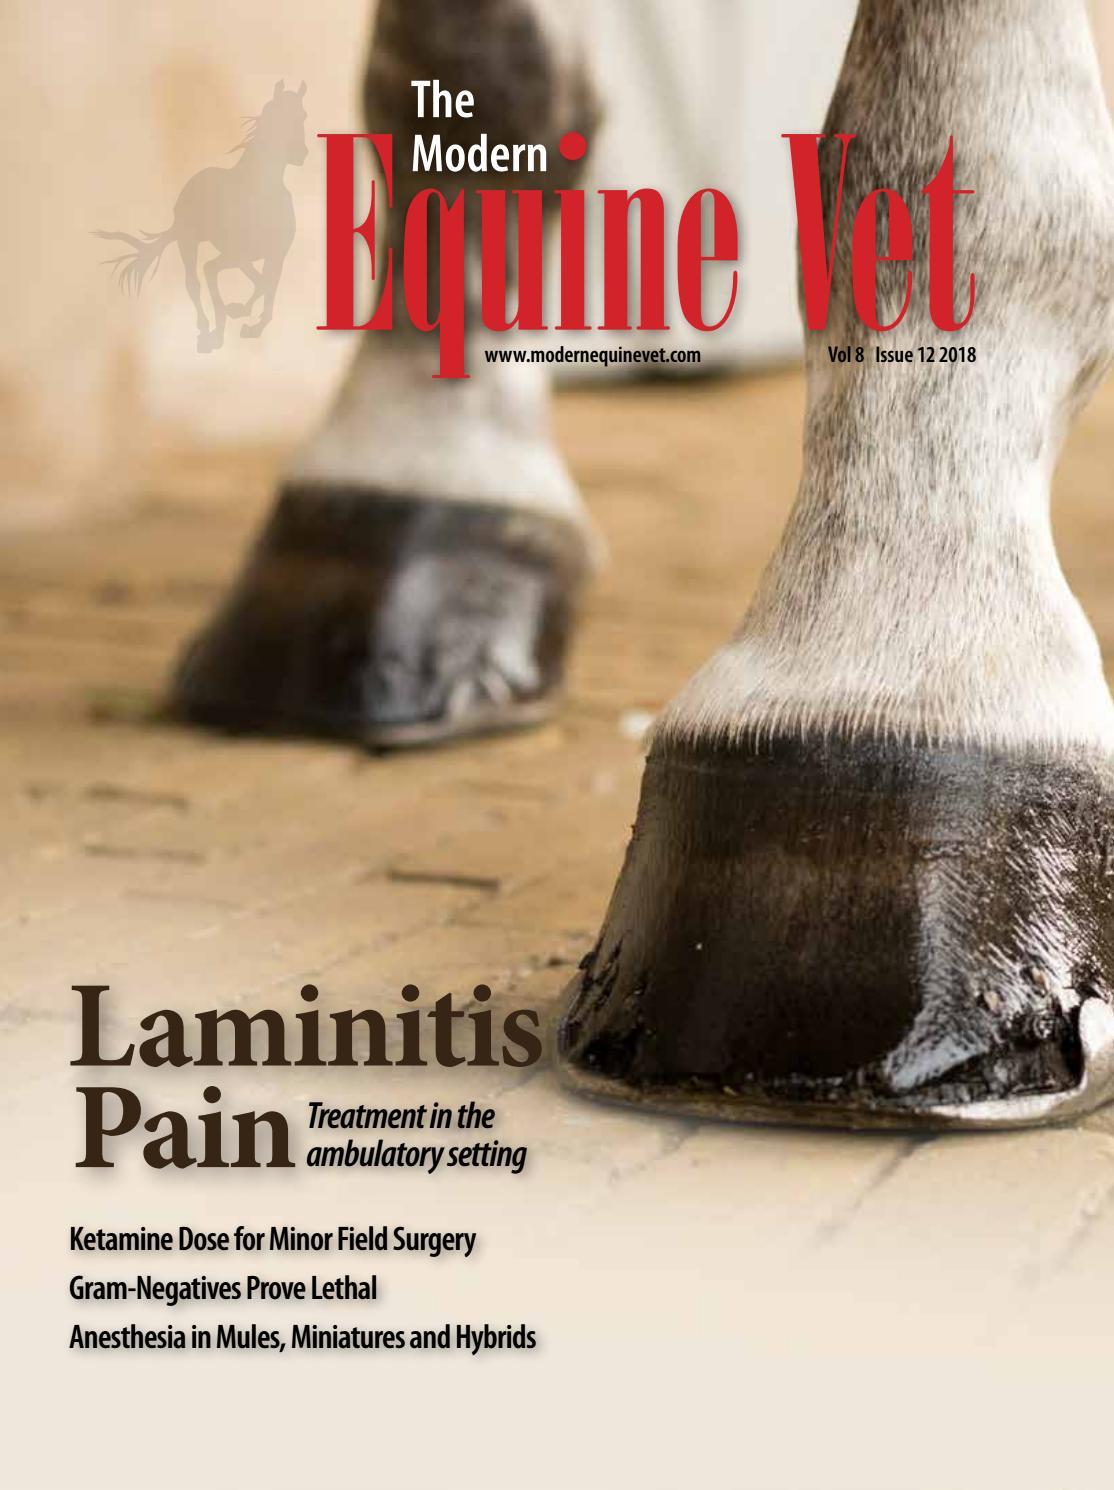 The Modern Equine Vet December 2018 by The Modern Equine Vet